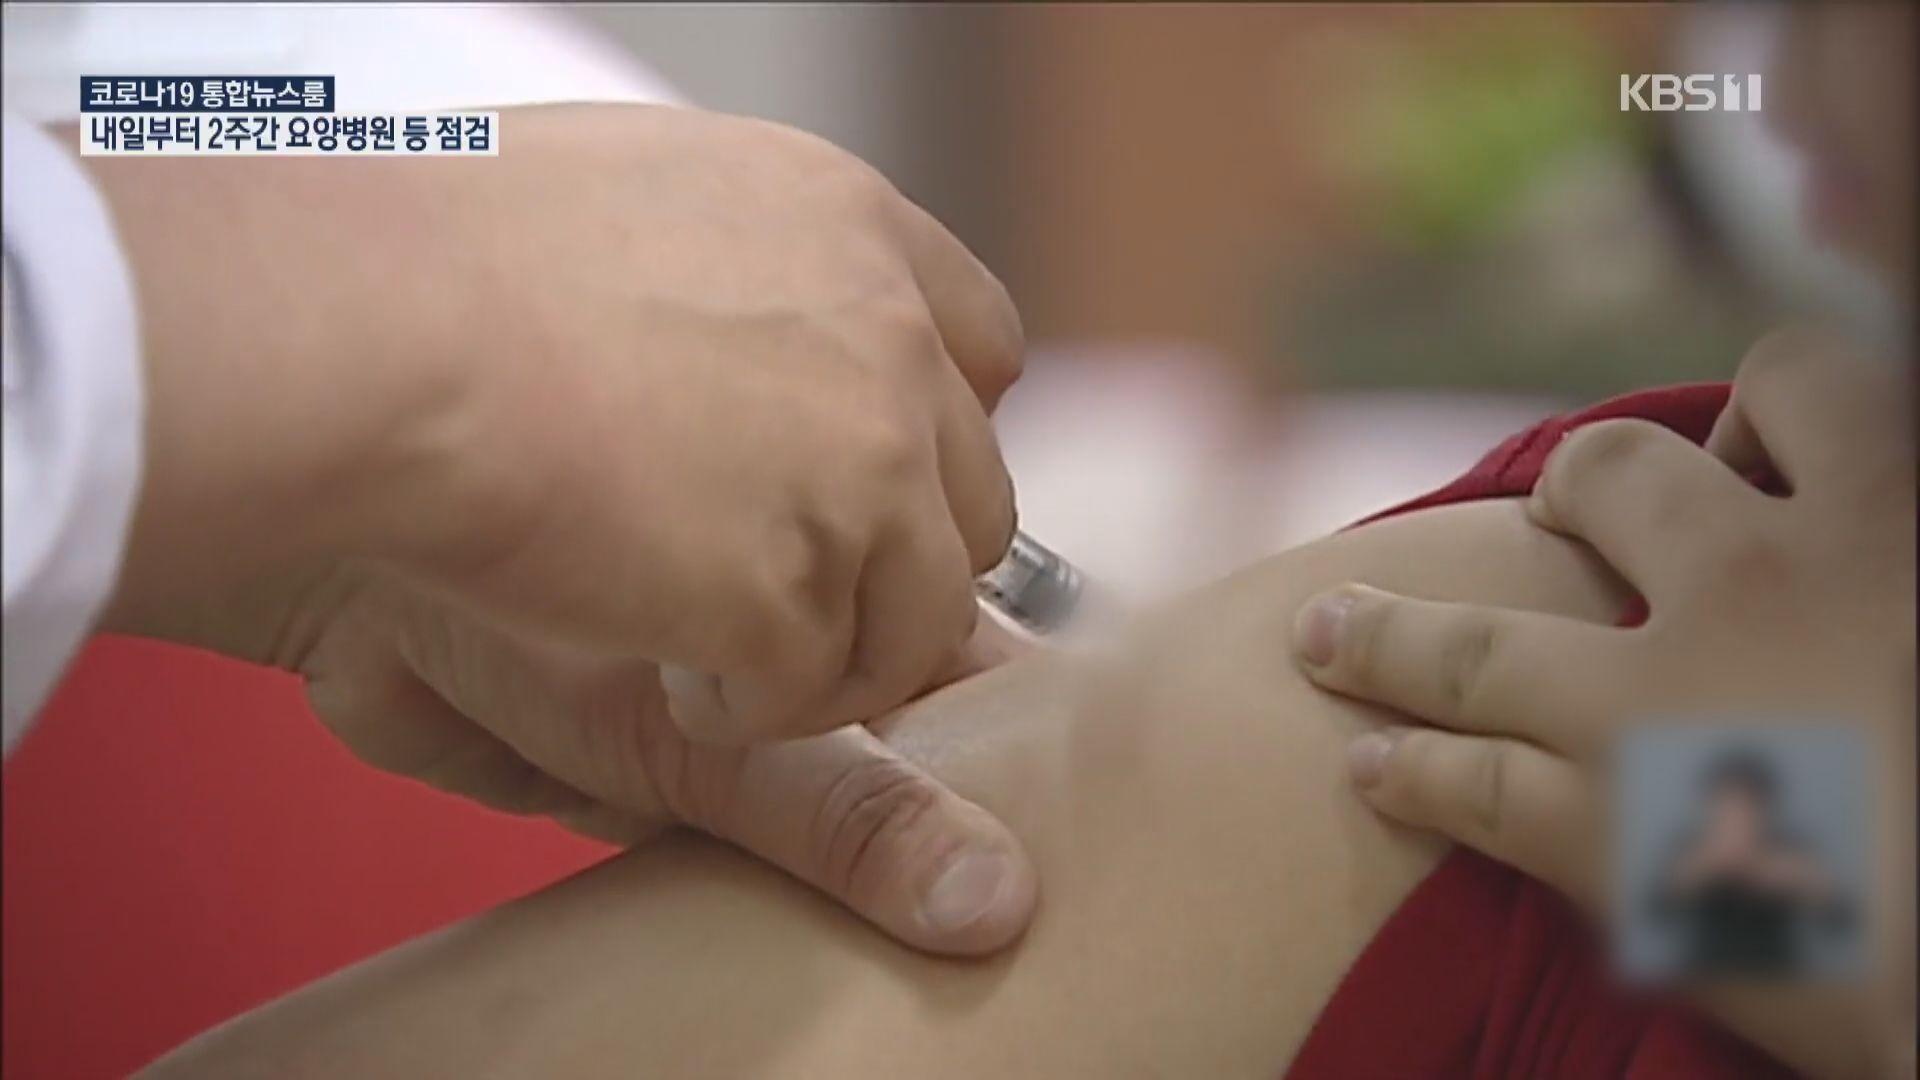 南韓接種流感疫苗後死亡人數持續增加